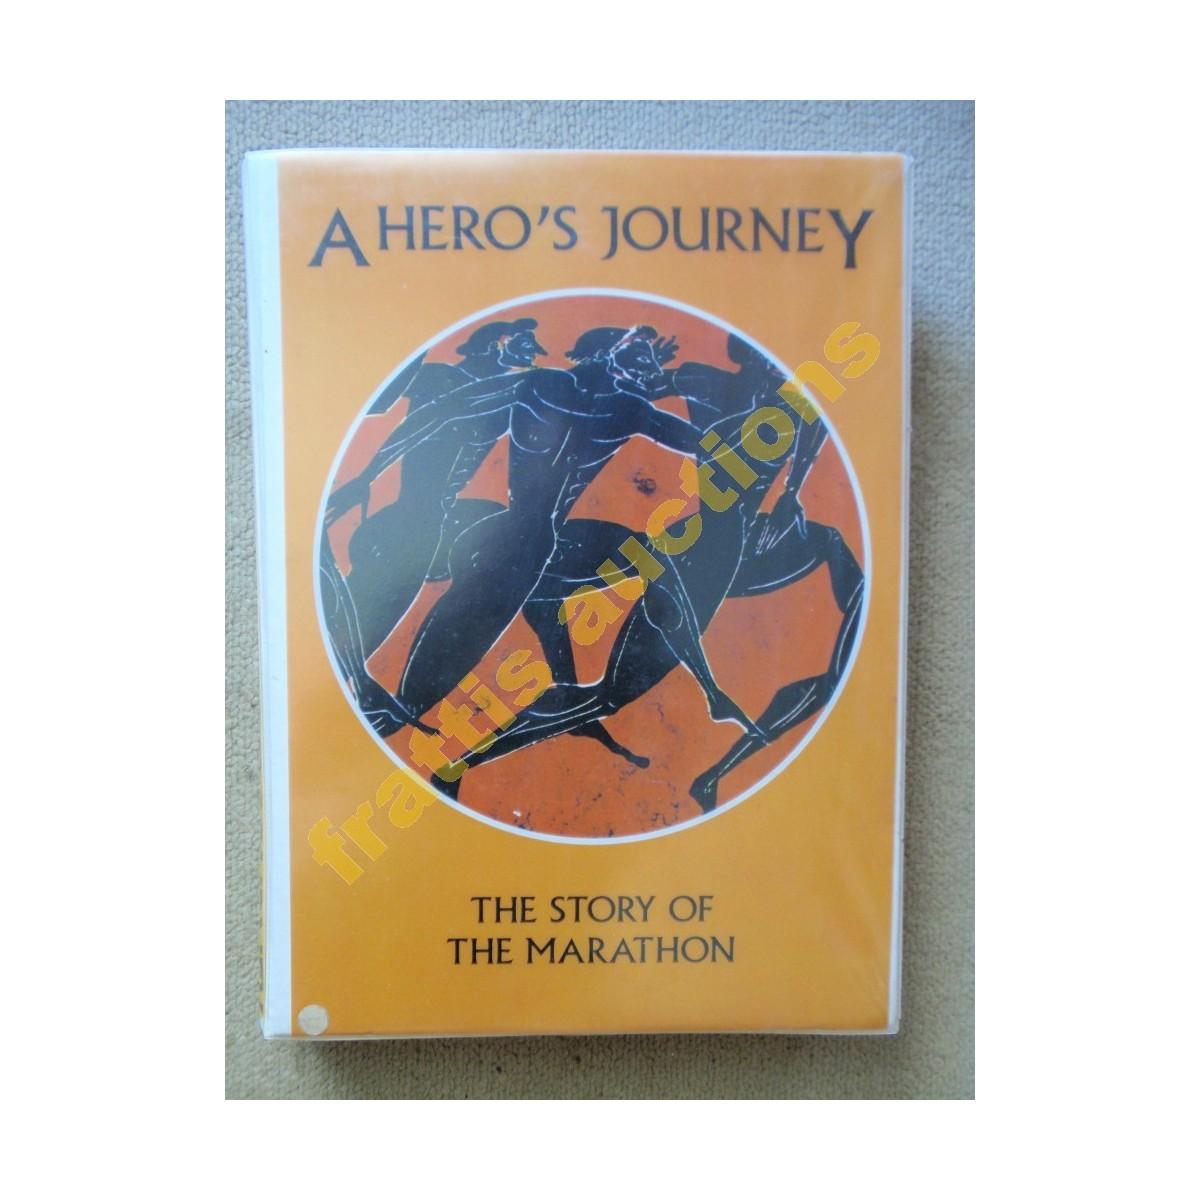 Κασσετίνα με VHS και CD 1992 A HERO 'S JOURNEY.